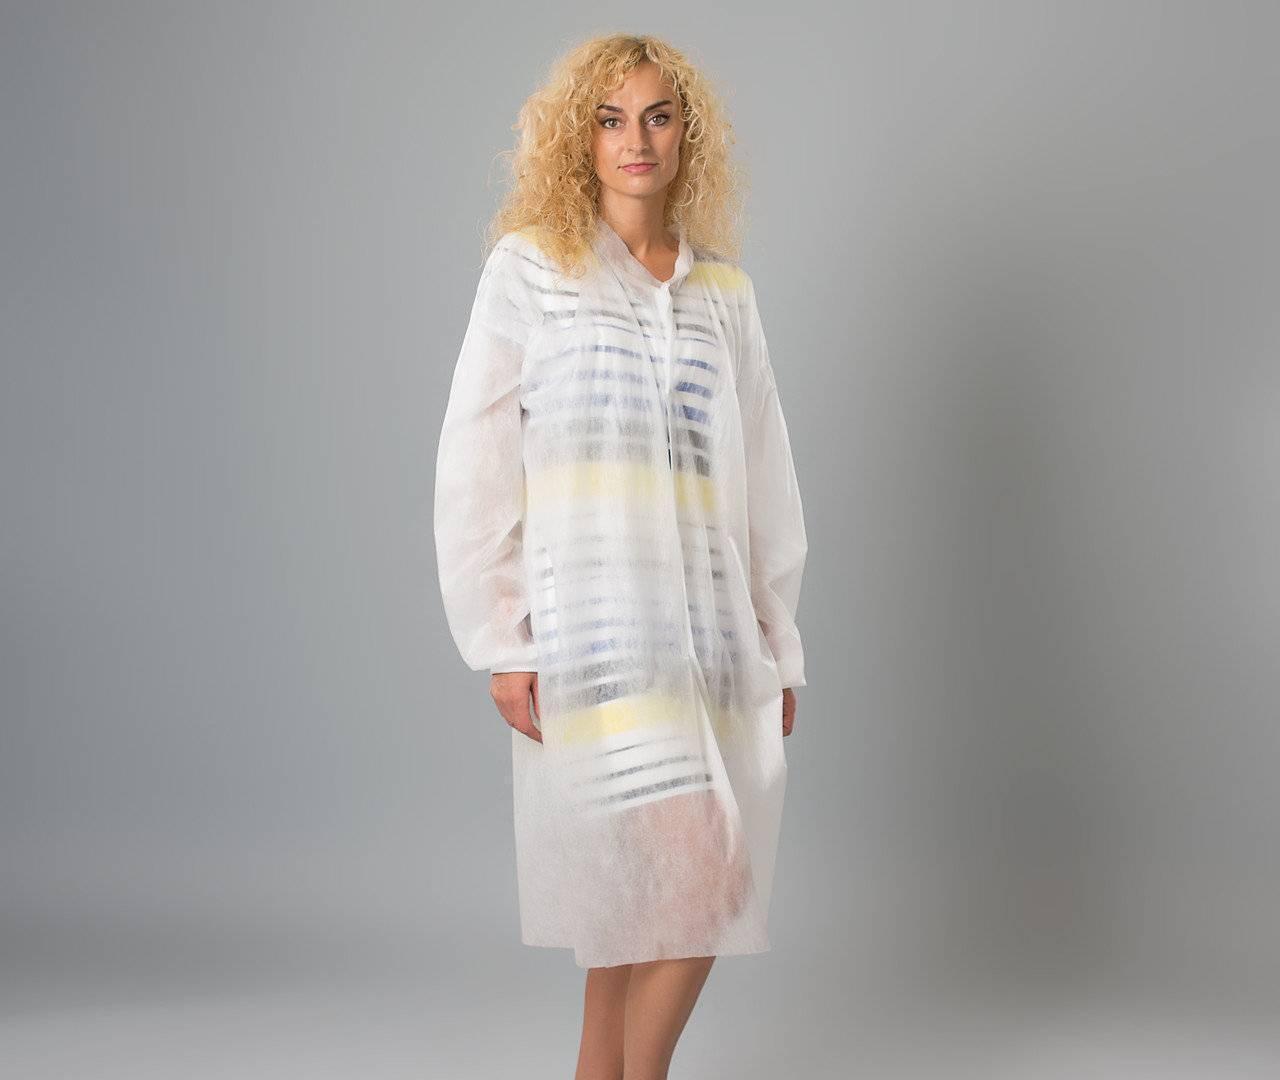 Защитный халат из нетканого материала для посетителя на кнопках Polix PRO&MED 25 г/м² 10 УП (10 ШТ) белый